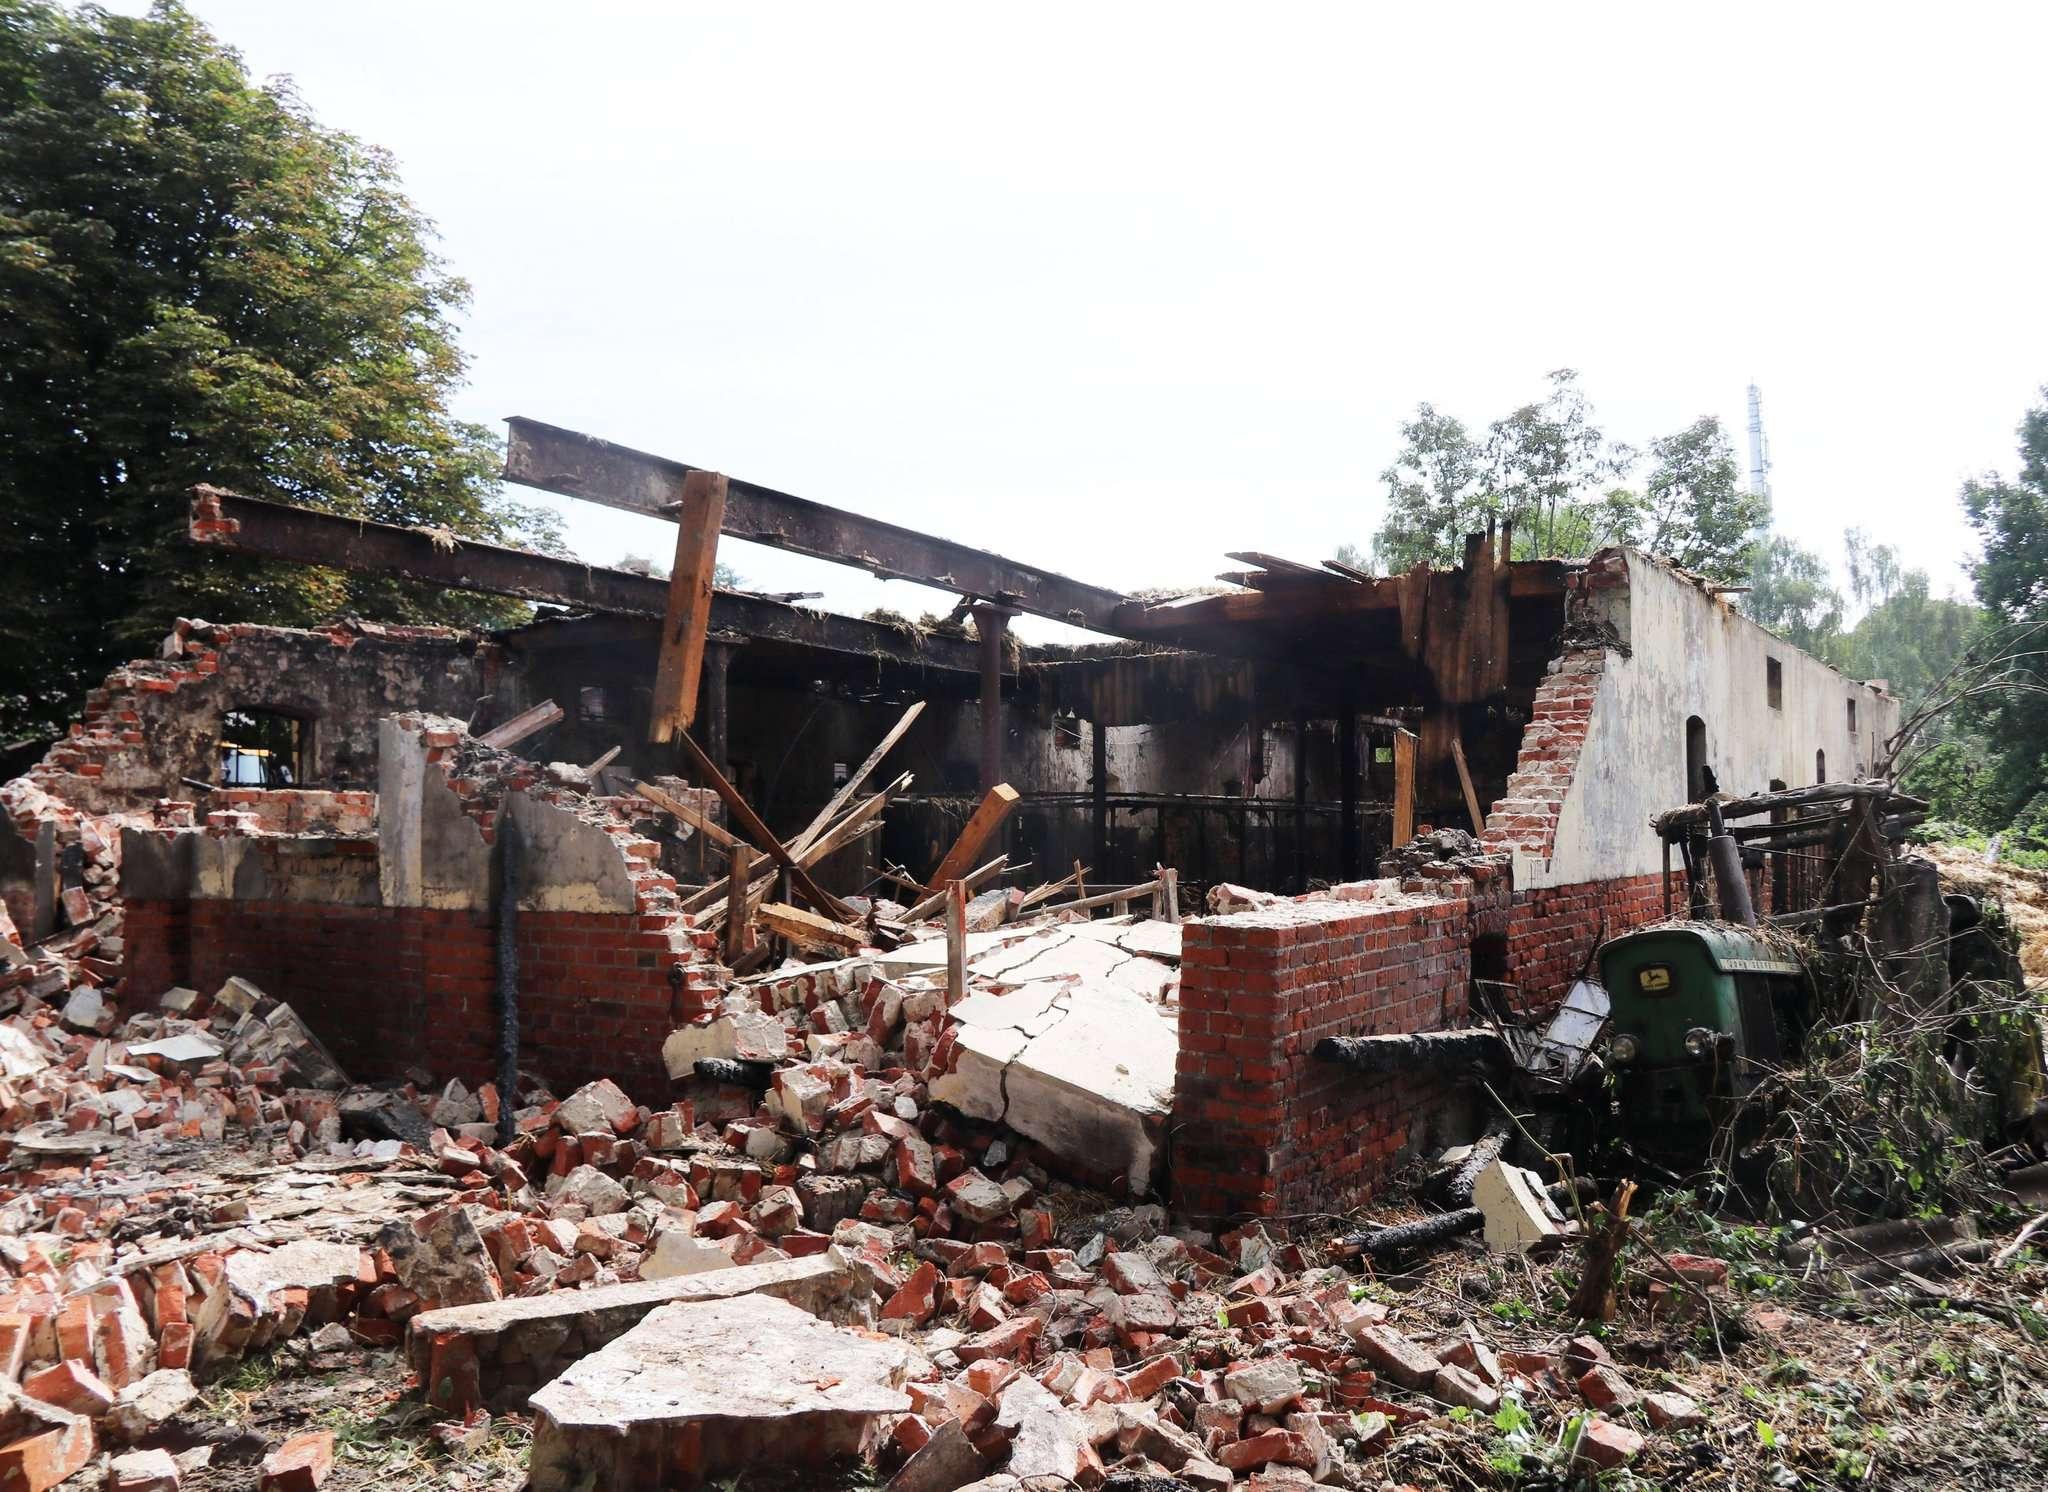 Nach dem Löschen zeigt sich, dass von dem Stall nur noch eine Ruine übrig ist.